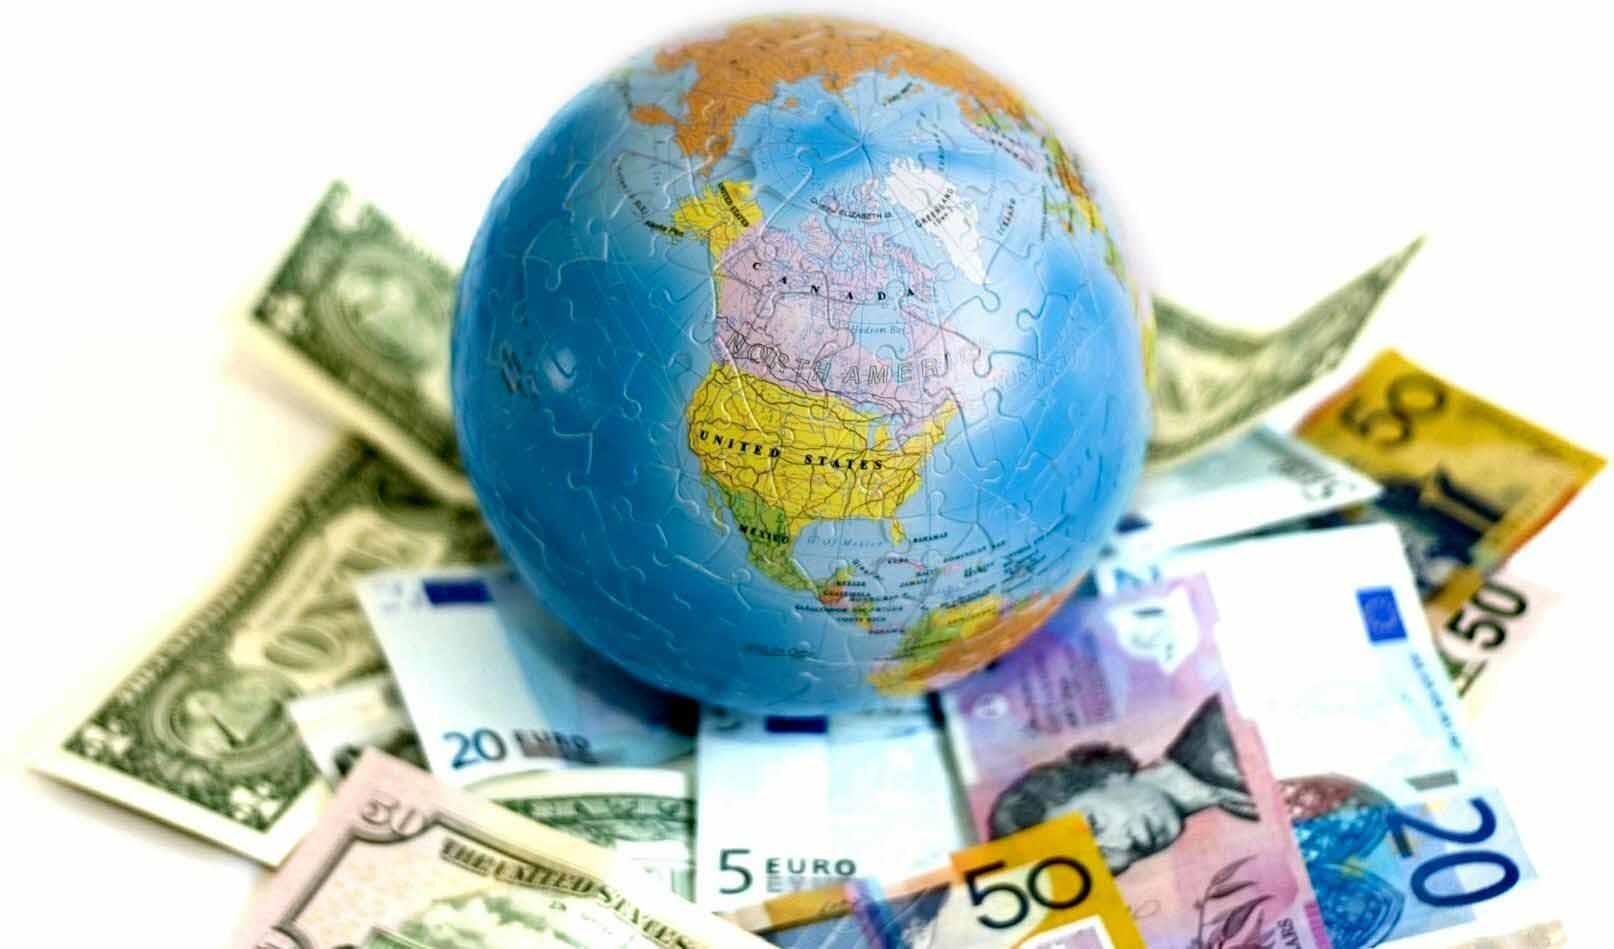 رشد اقتصاد جهان به کمترین میزان خود در یک دهه اخیر میرسد